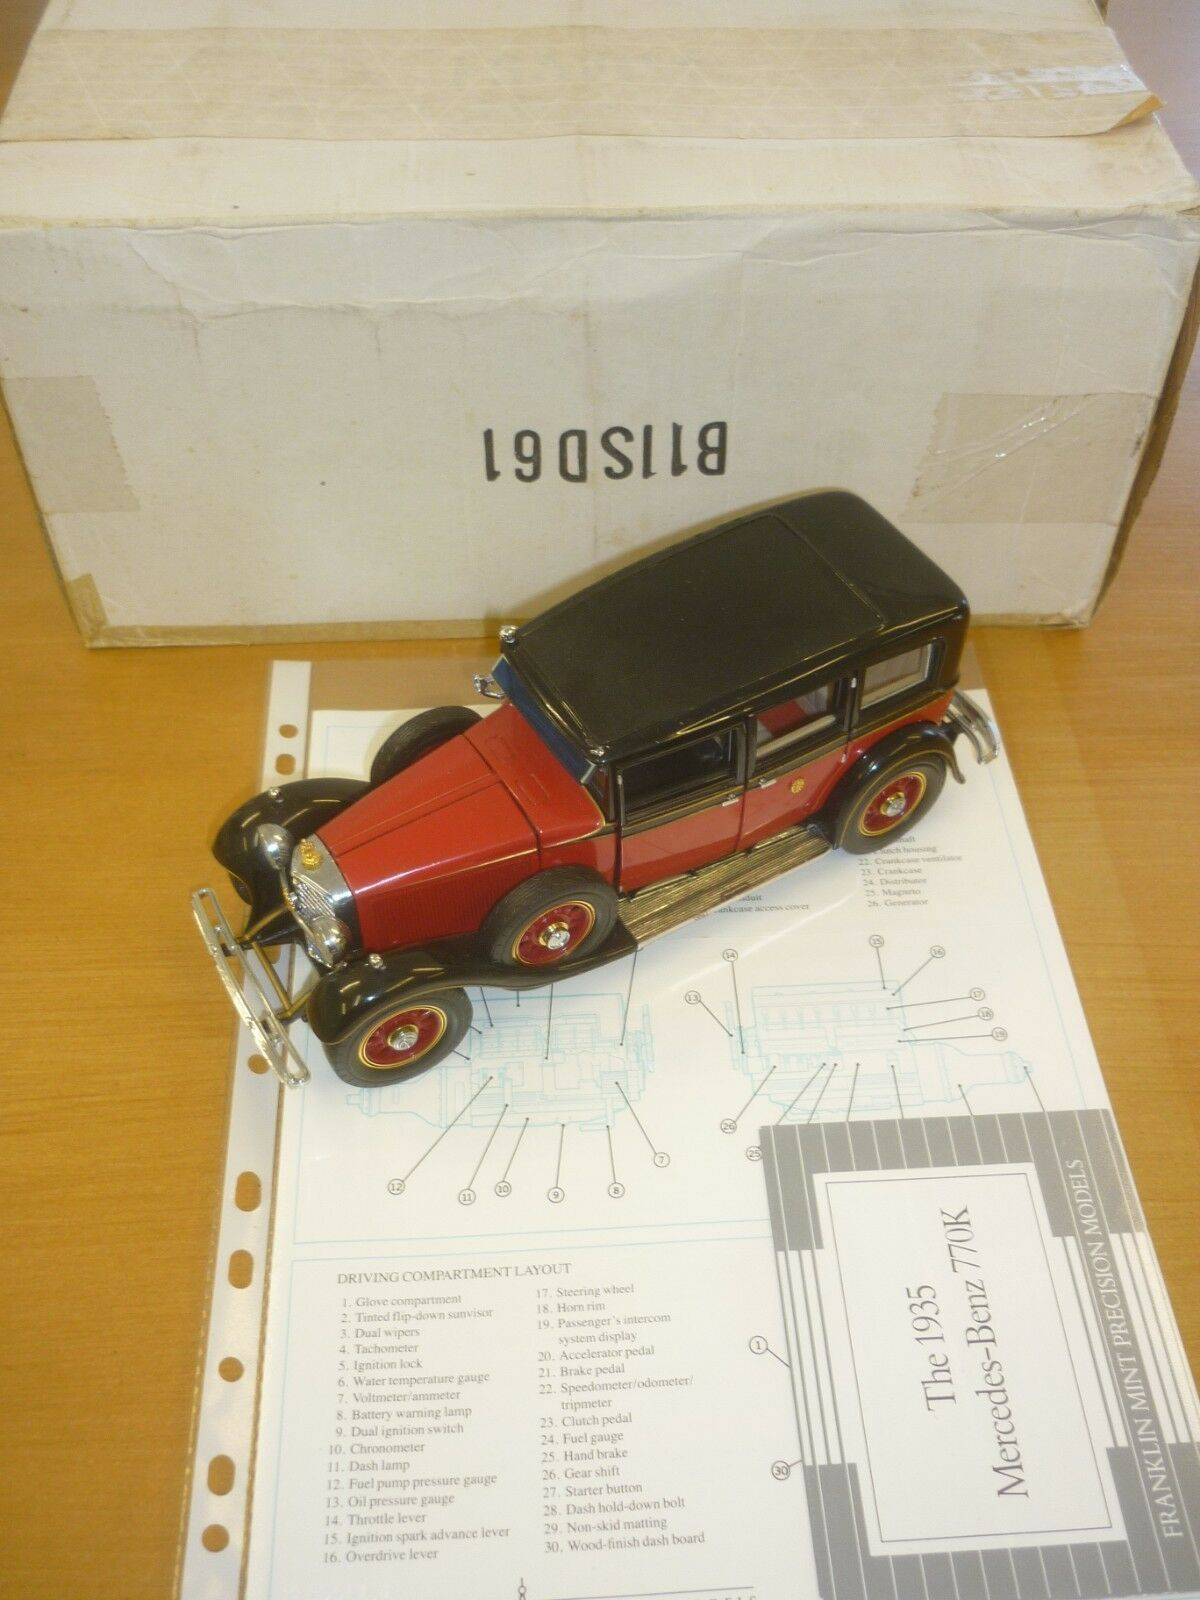 Die franklin - mint - ein modell einer 1935 mercedes - benz 770k geboxt, papierkram